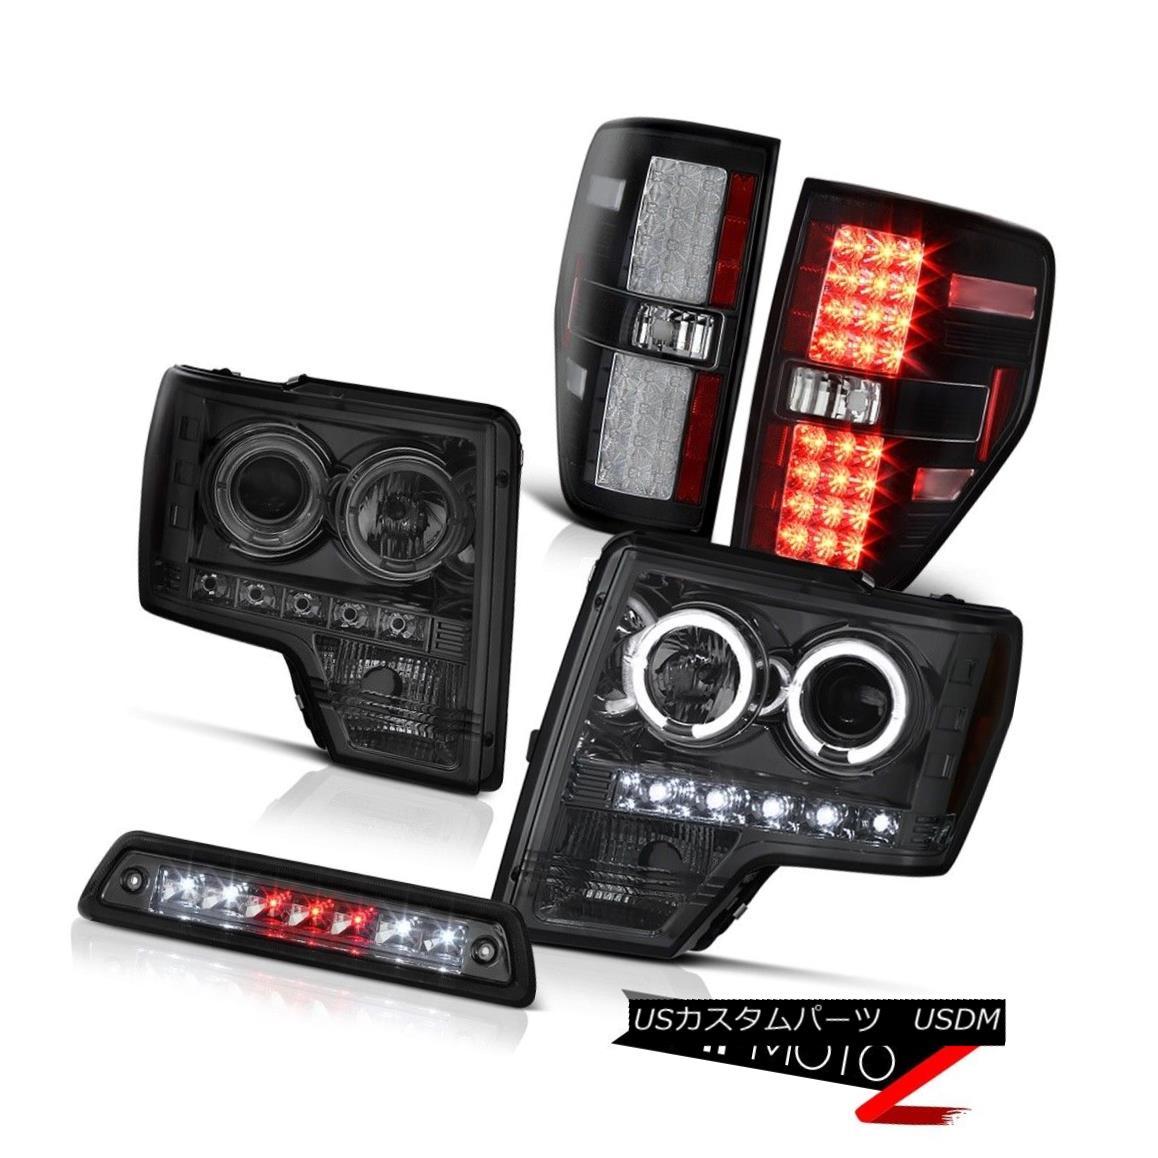 テールライト 2009-2014 F150 3.5L Smoked 3rd brake light tail lights Headlamps